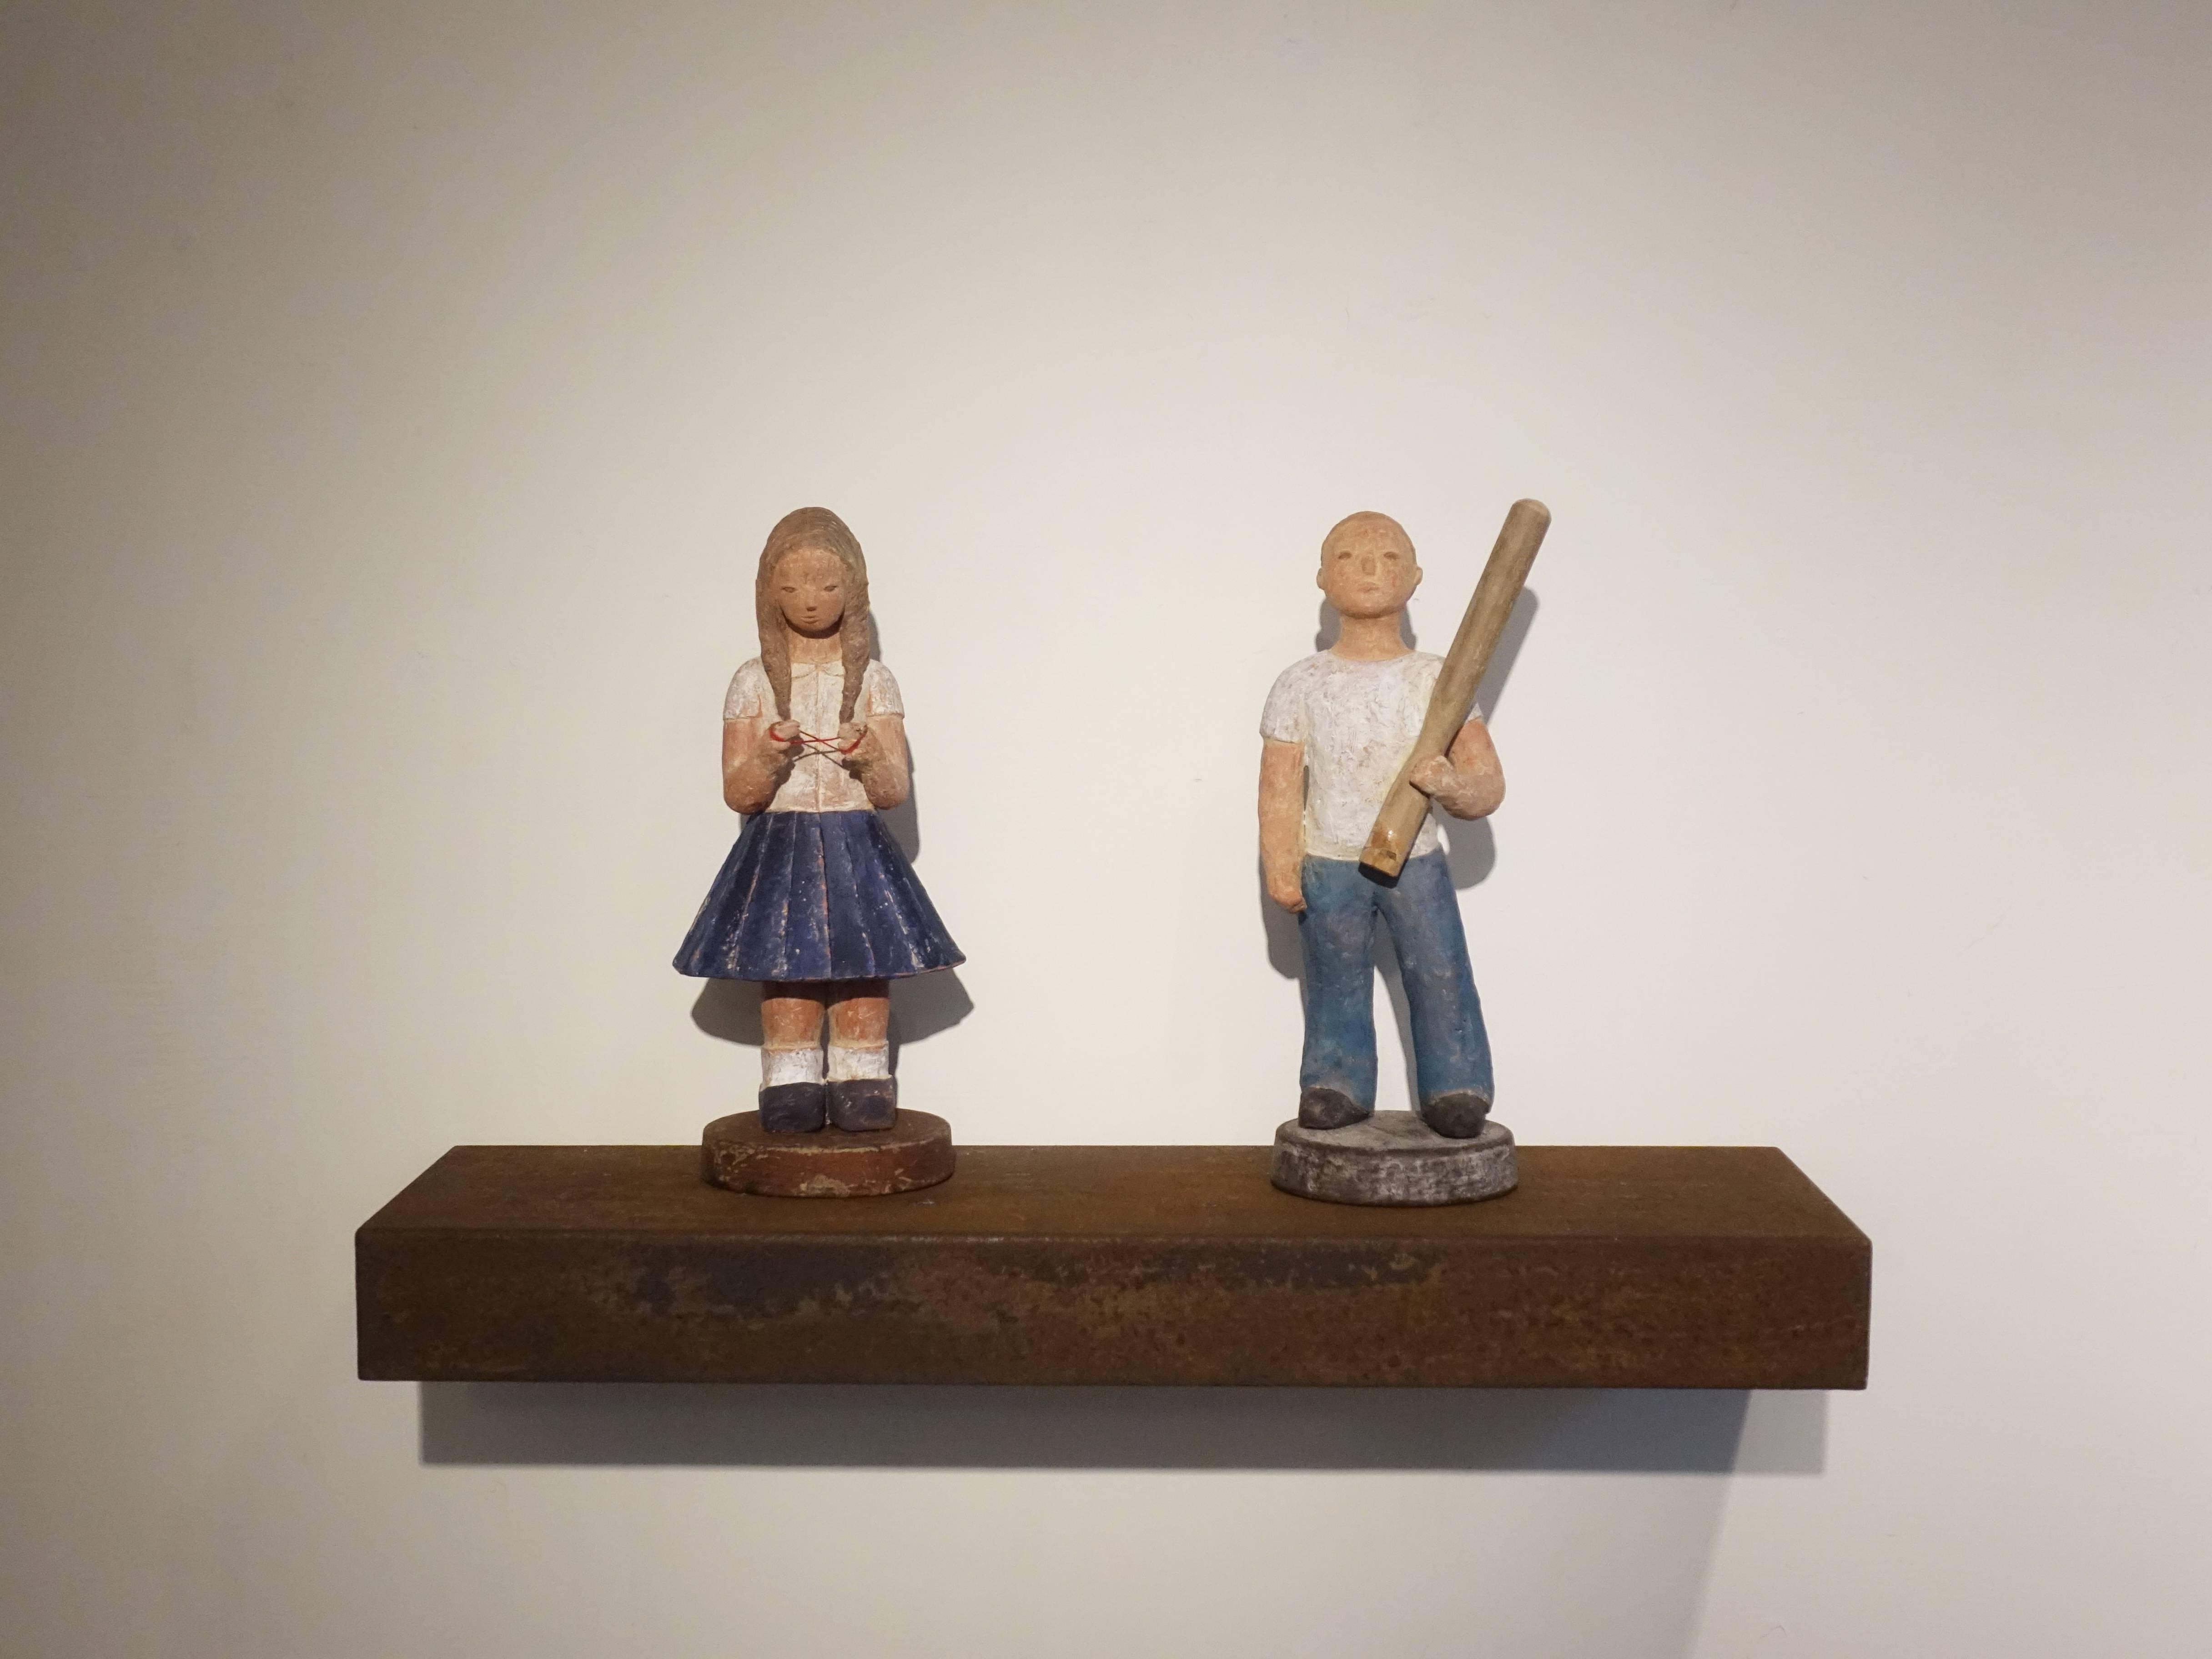 林怡芬,《少年》右、《少女》左,Terra cotta、礦物質顏料,2019。